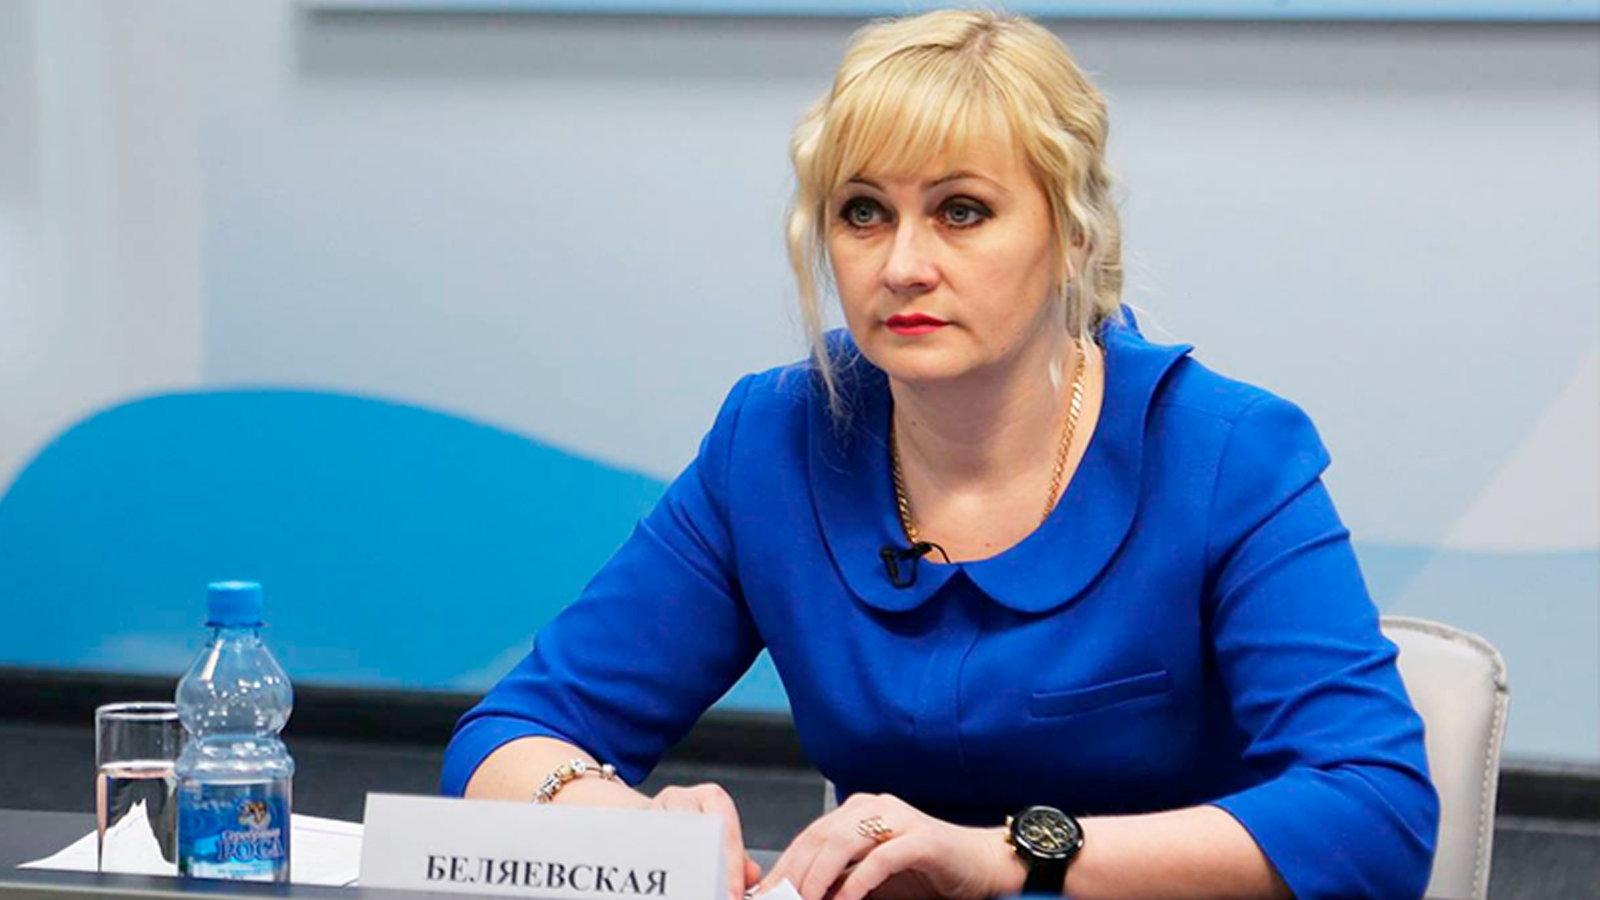 Анну Беляевскую выпустят из-под стражи под залог в 3 миллиона рублей